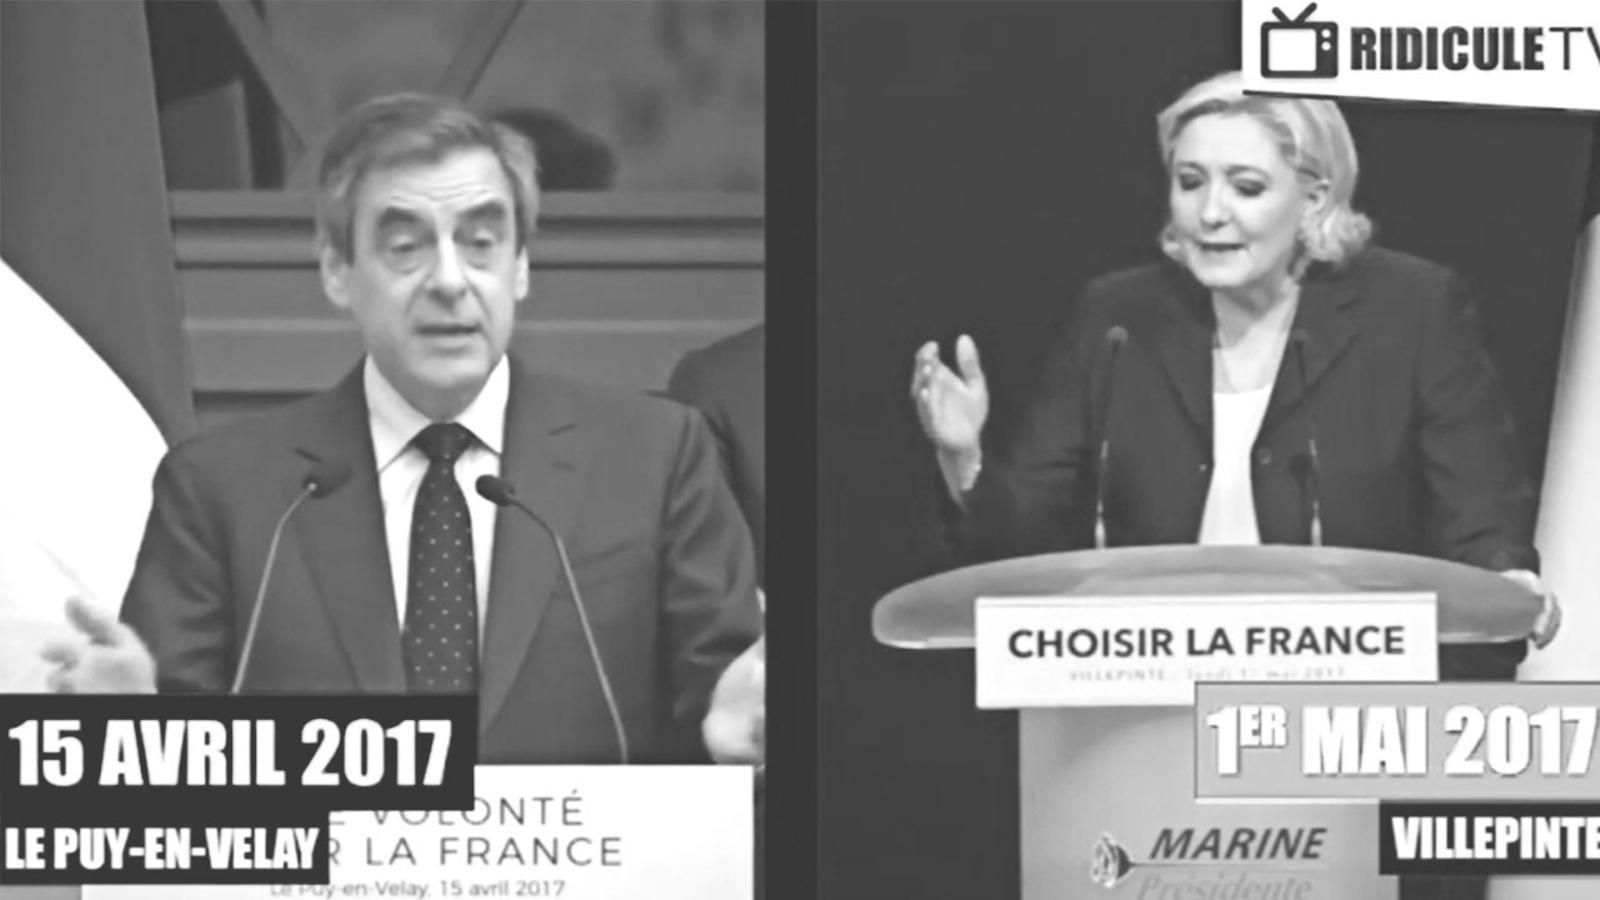 L'anàlisi d'Antoni Bassas: Però què els diu Marine Le Pen?